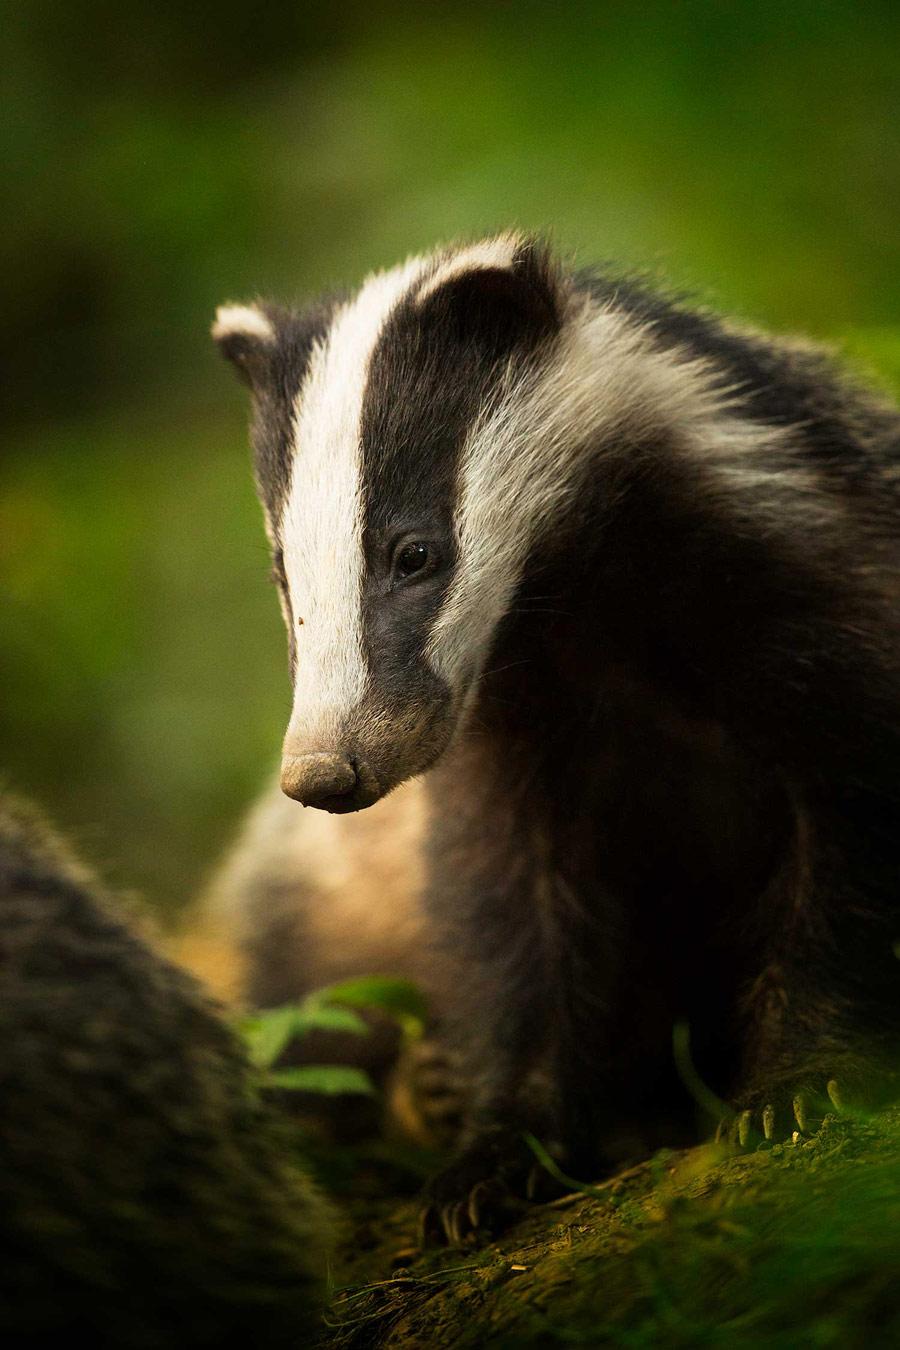 Бин. Национальный парк Пик Дистрикт, Дербишир, © Тесни Уорд, Конкурс фотографий дикой природы British Wildlife